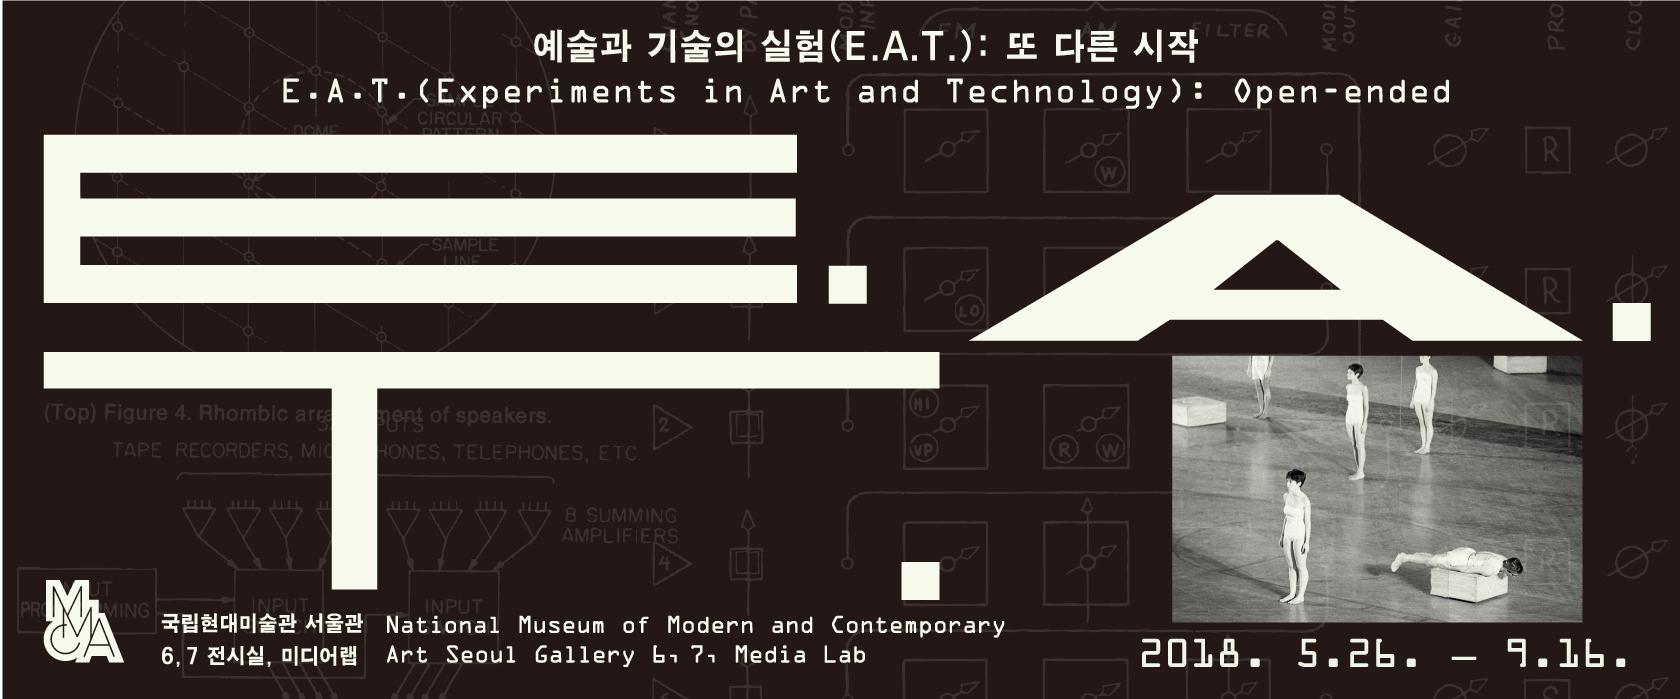 «E.A.T. (Experiments in Art and Technology) : Open-ended», relations entre arts, industries et technologies au MMCA de Séoul